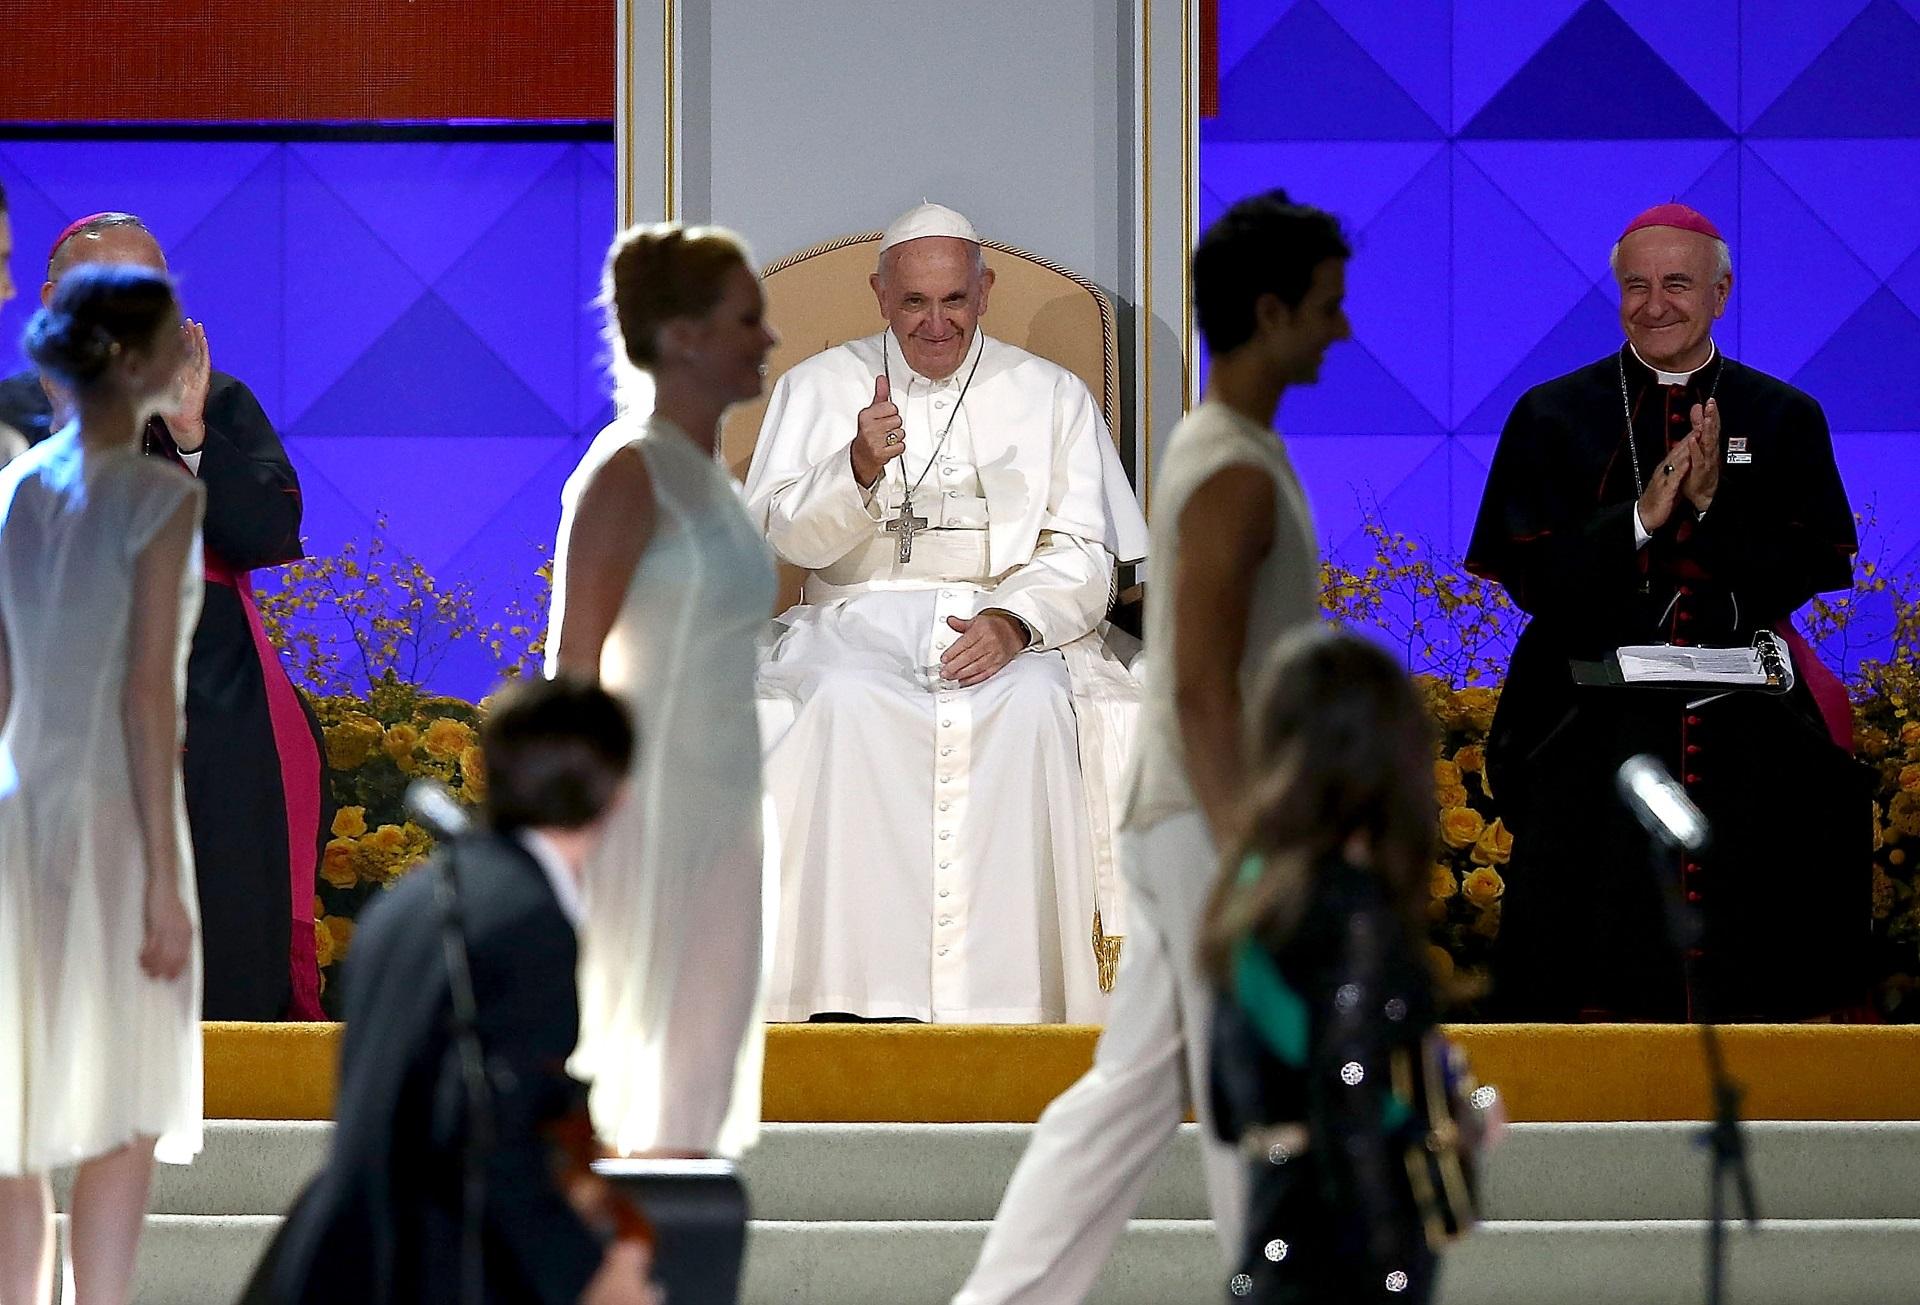 """Папа Франциск<br /> <br /> Роденият в Аржентина глава на Римокатолическата църква обожавал да танцува танго на младини. """"Много го харесвам. Това е нещо, което и идва от вътре"""", пише Хорхе Марио Берголио в своя книга преди да бъде избран за папа. В негова чест на 78-ия му рожден ден хиляди хора танцуваха танго на площад """"Свети Петър"""" във Ваикана."""